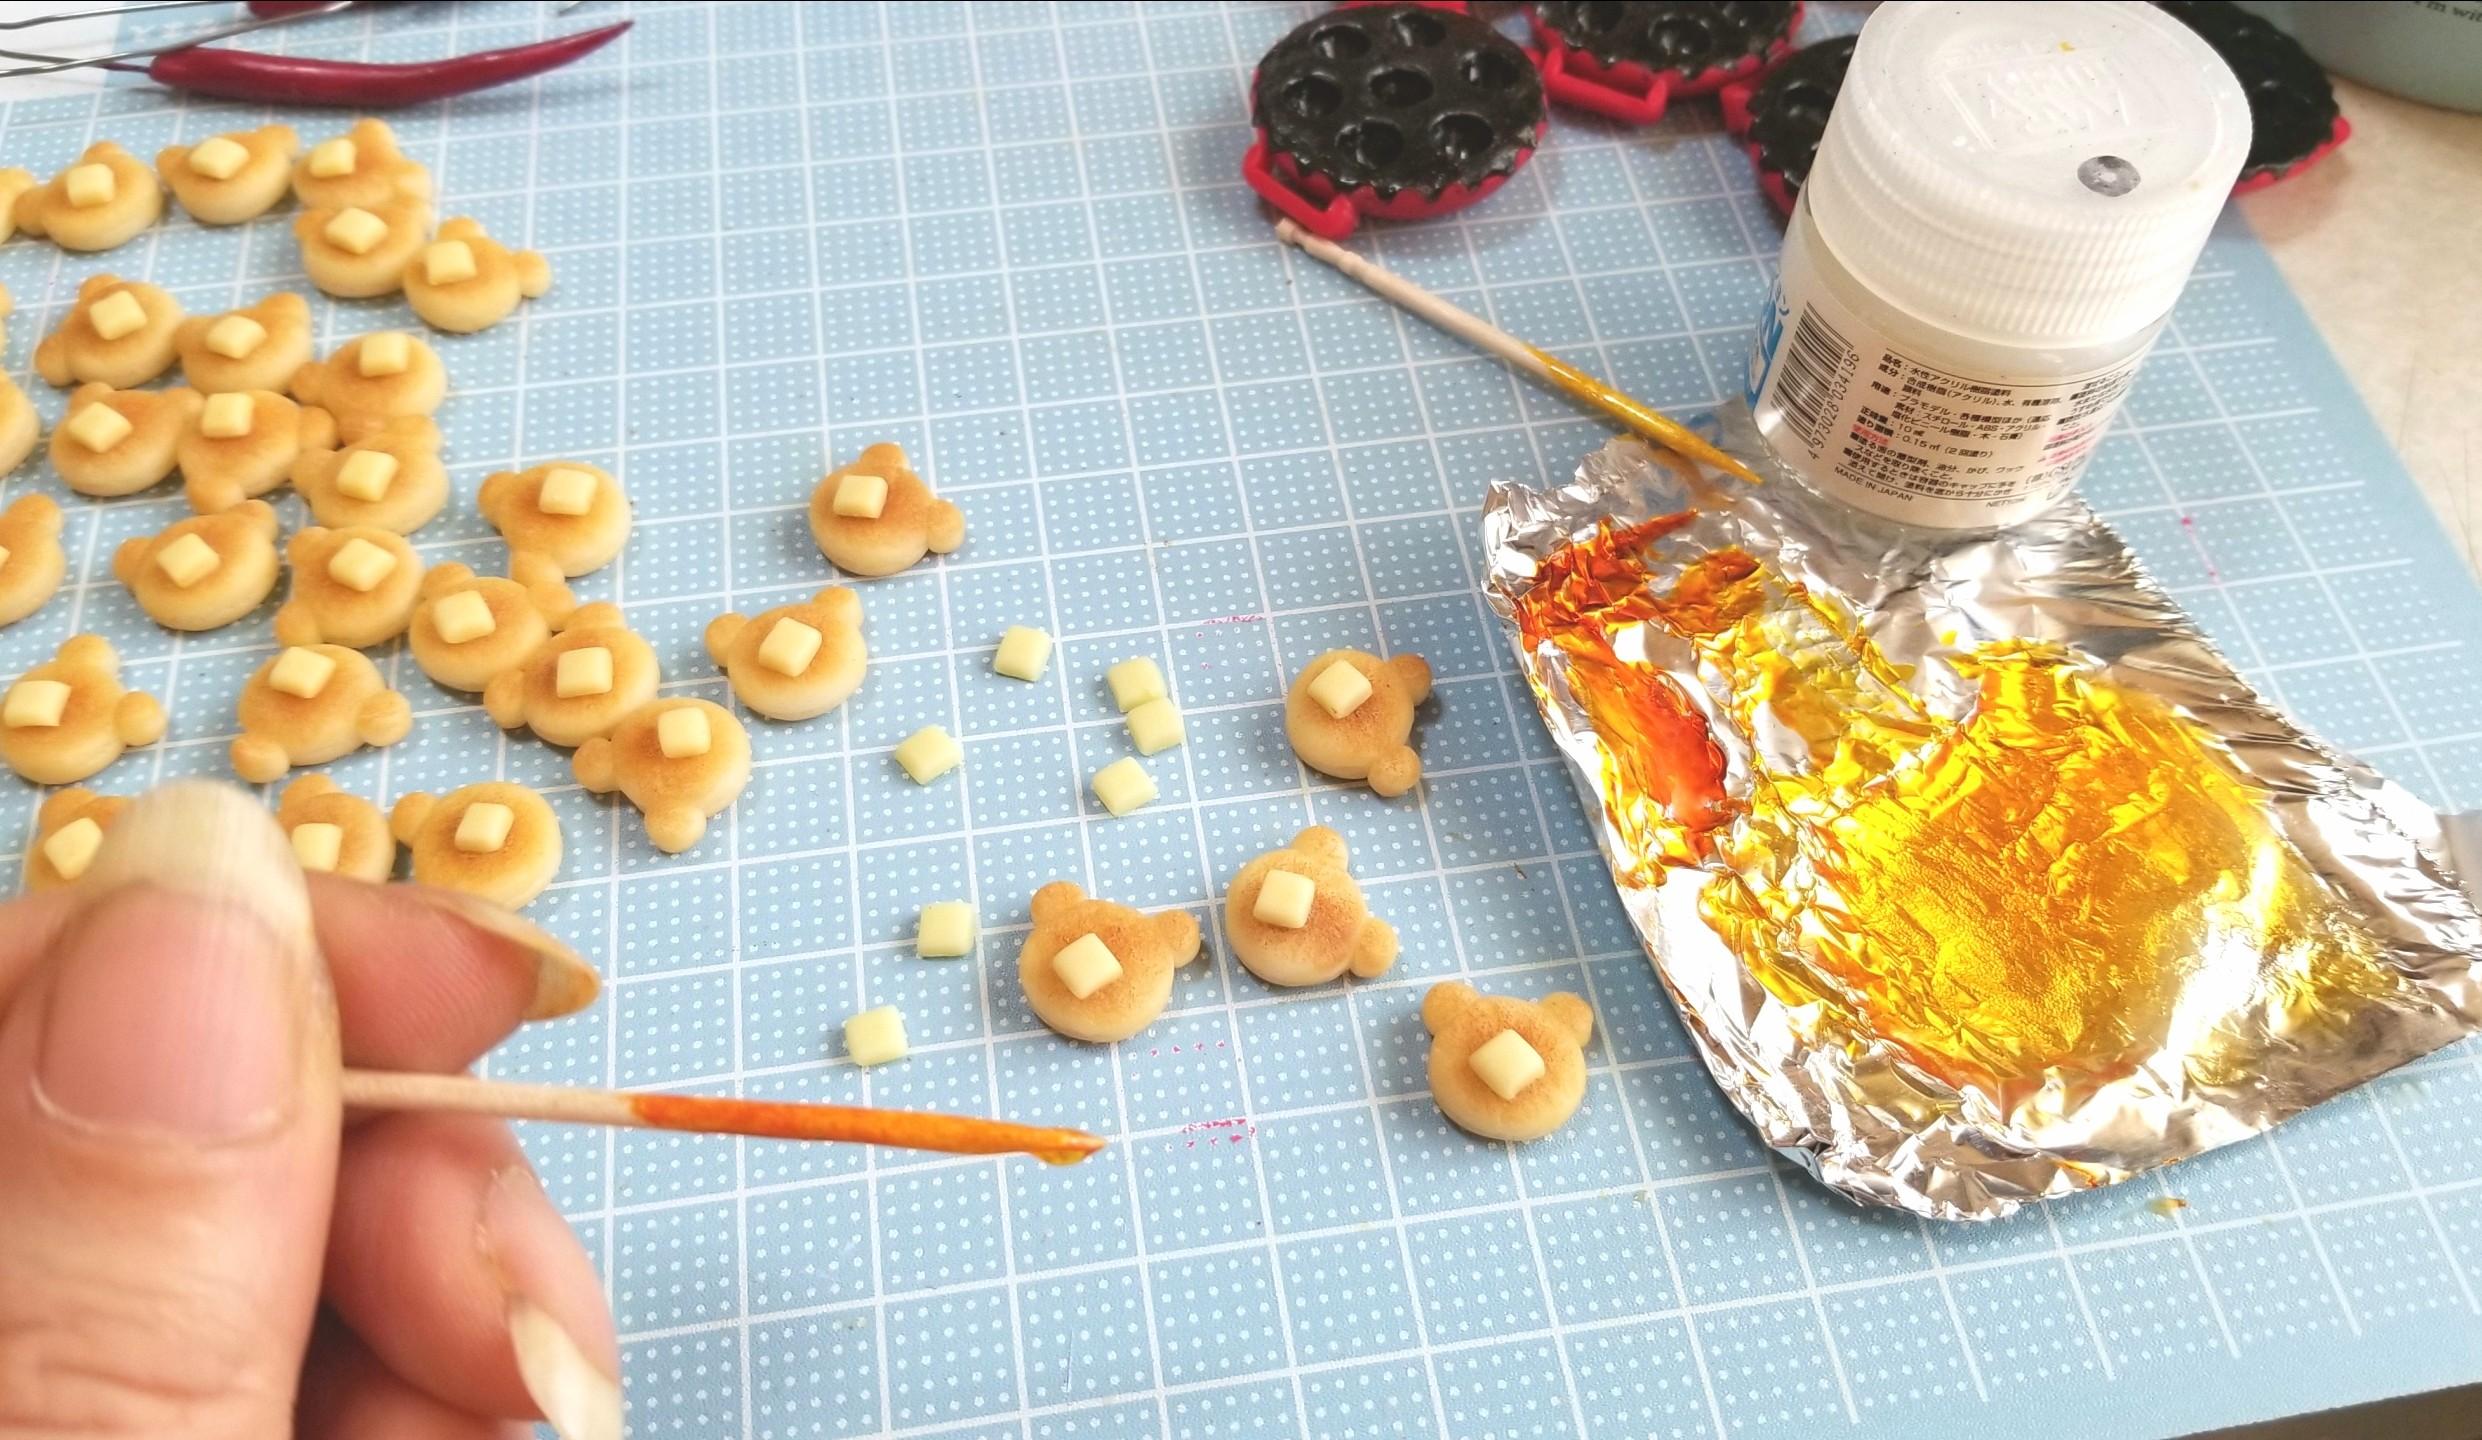 作り方,クマ,ホットケーキ,樹脂粘土,ミニチュア,はちみつ,バター